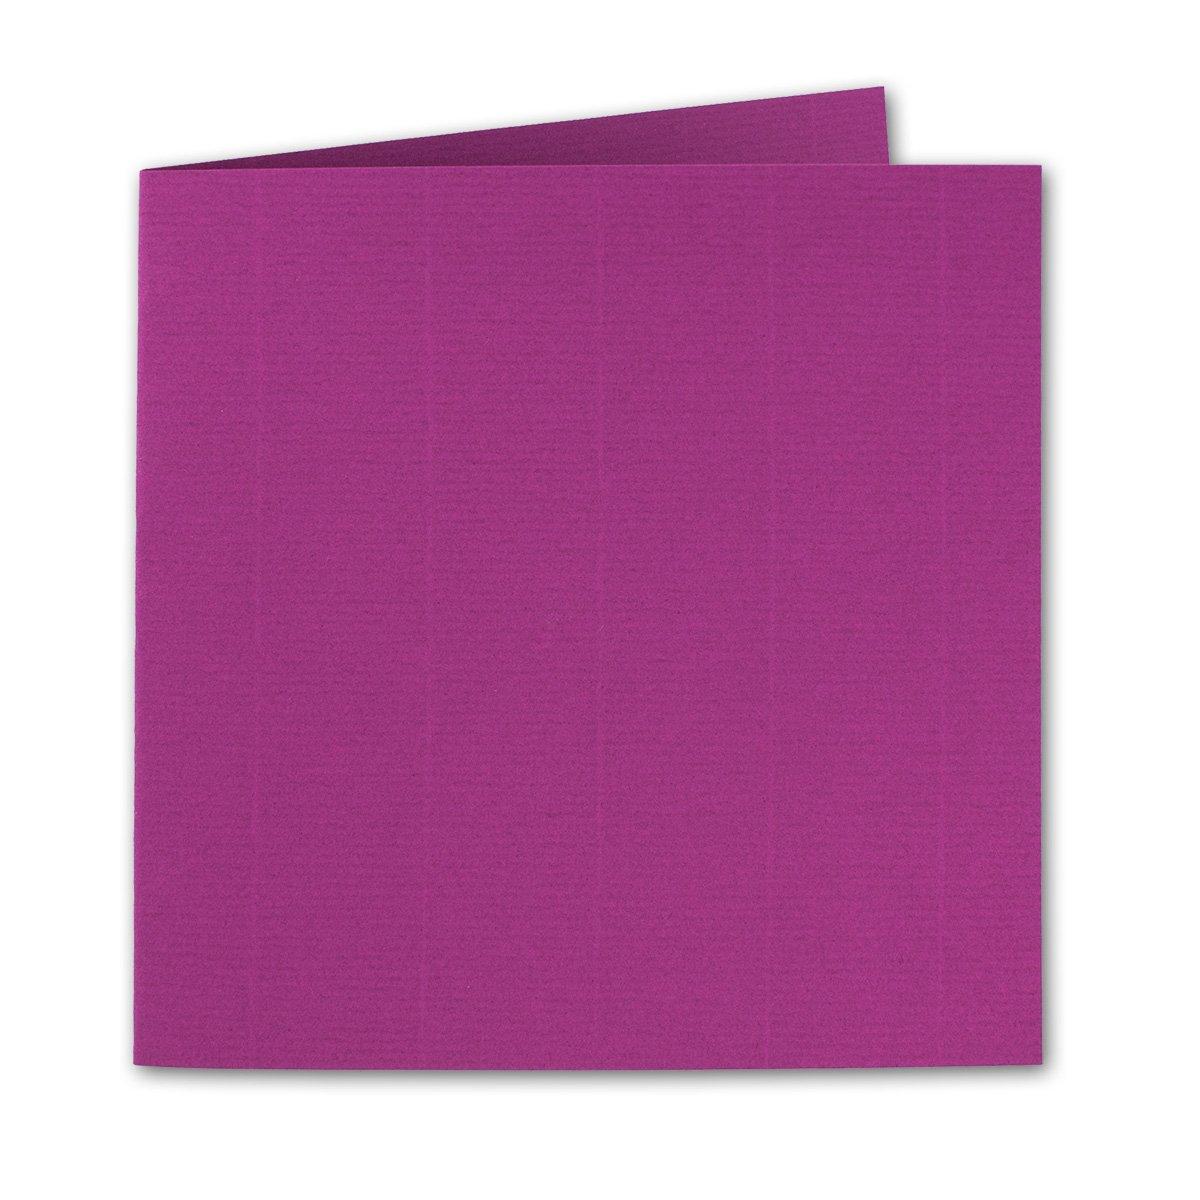 Quadratische Falt-Karten 15 x 15 cm     Gold Metallic   100 Stück   formstabil   für Drucker geeignet   für Grußkarten, Einladungen & mehr   Qualitätsmarke  FarbenFroh® von Gustav NEUSER® B07D3B336L | Mama kaufte ein bequem 9a4960